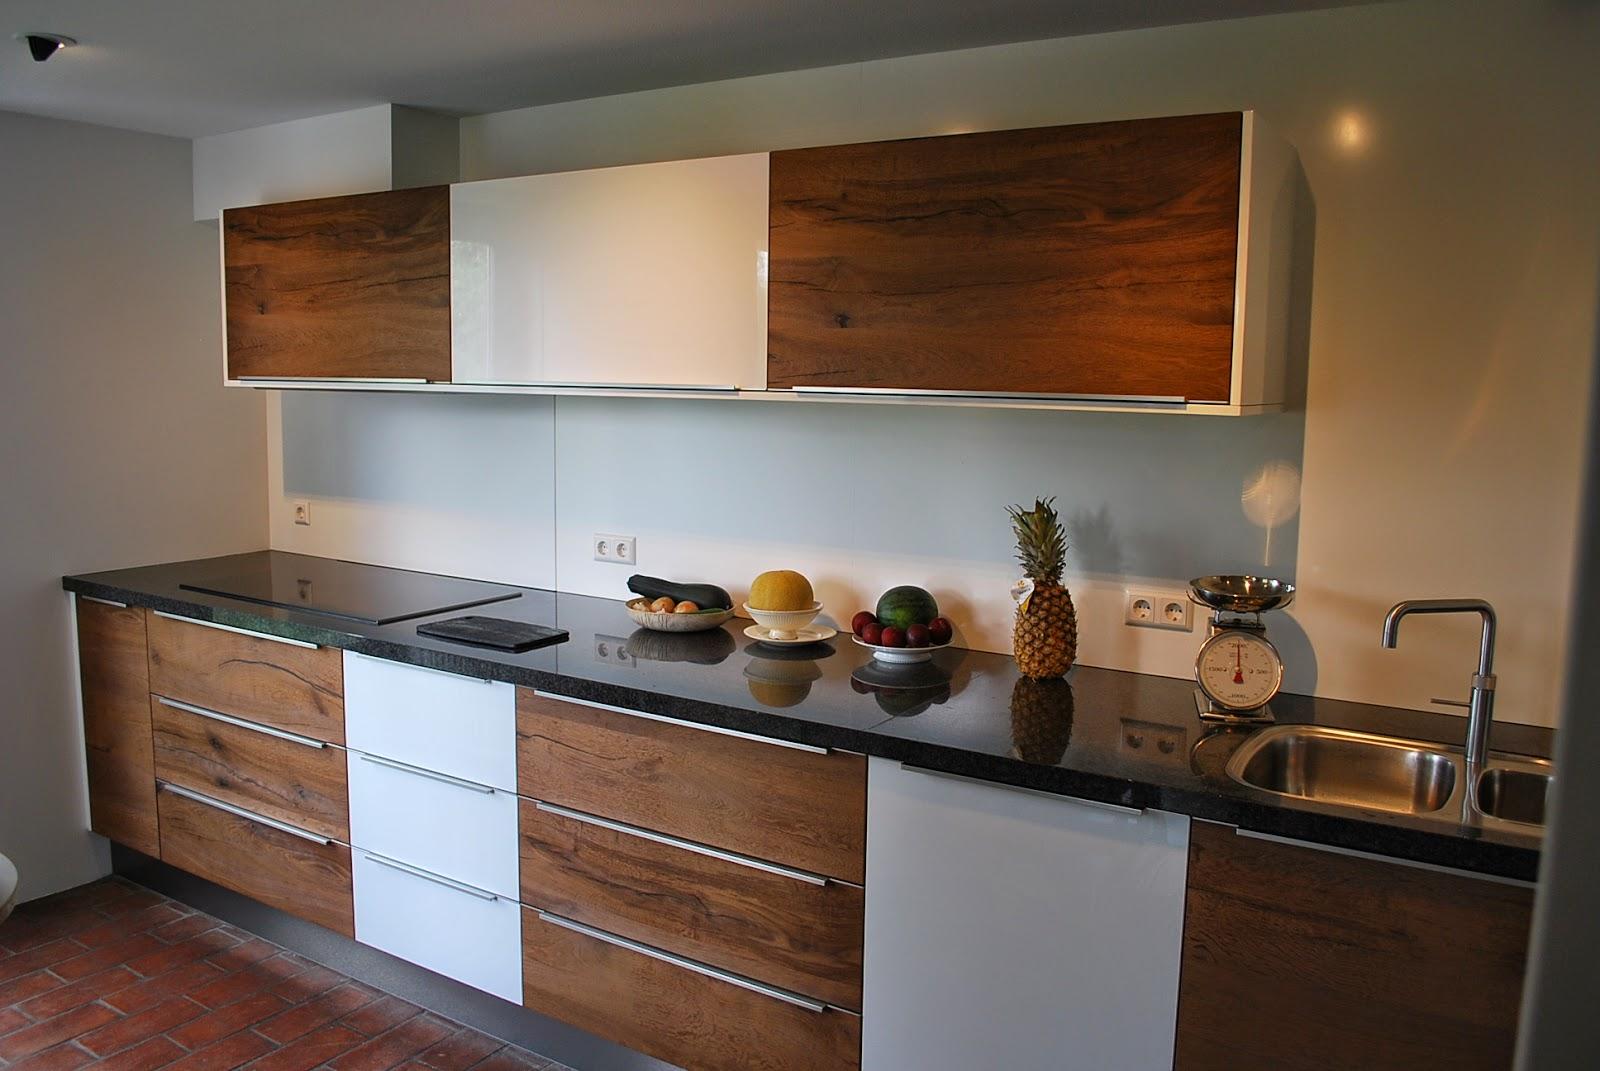 Keuken Hoogglans Wit Achterwand : De Bokmerk achterwand achter de kookplaat valt niet op